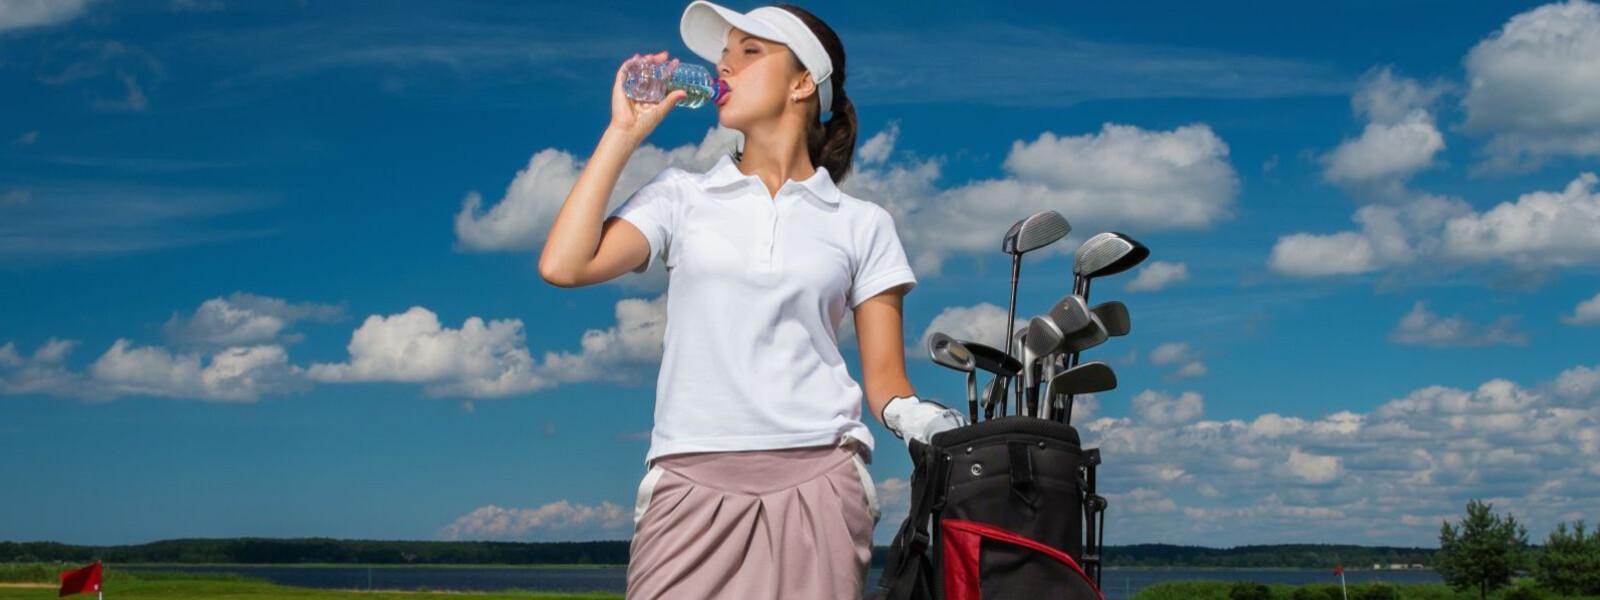 Mit der richtigen Ernährung zu mehr Power bei der Golfrunde